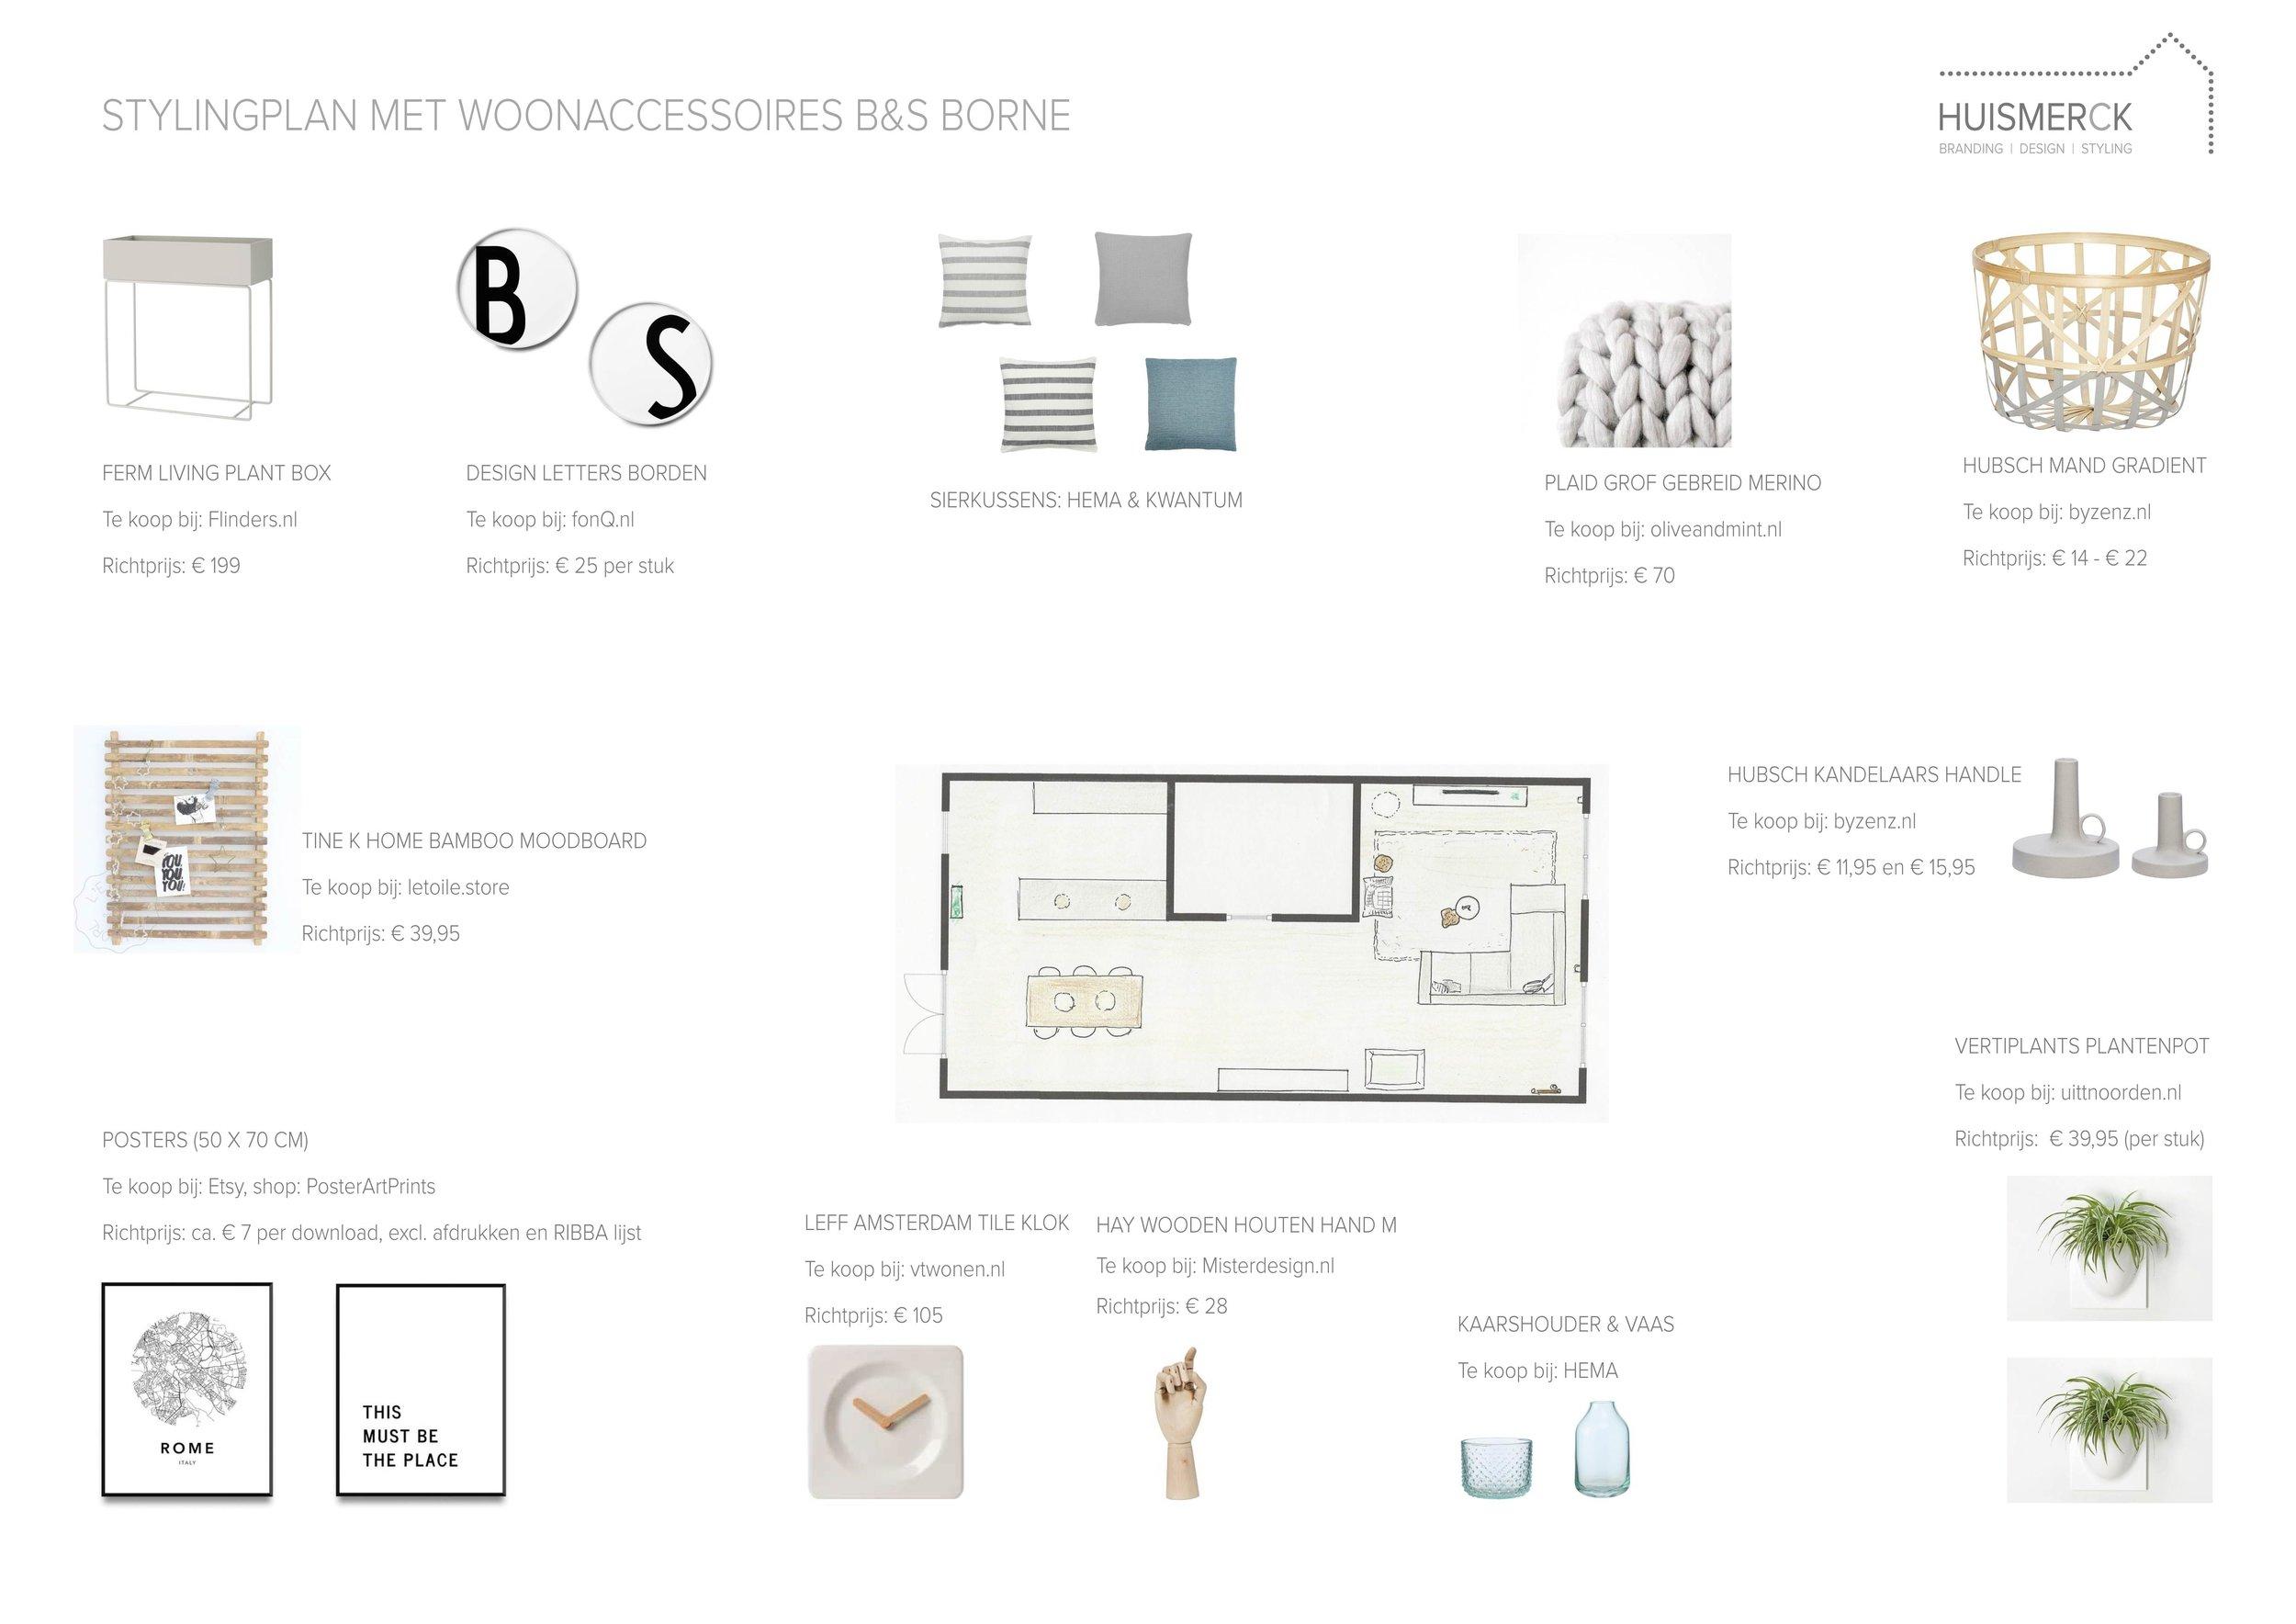 HUISMERCK_INTERIEURONTWERP_FRIS_RUSTIG_SCANDINAVISCH_BORNSCHE_MATEN_BORNE_Stylingplan-01.jpg